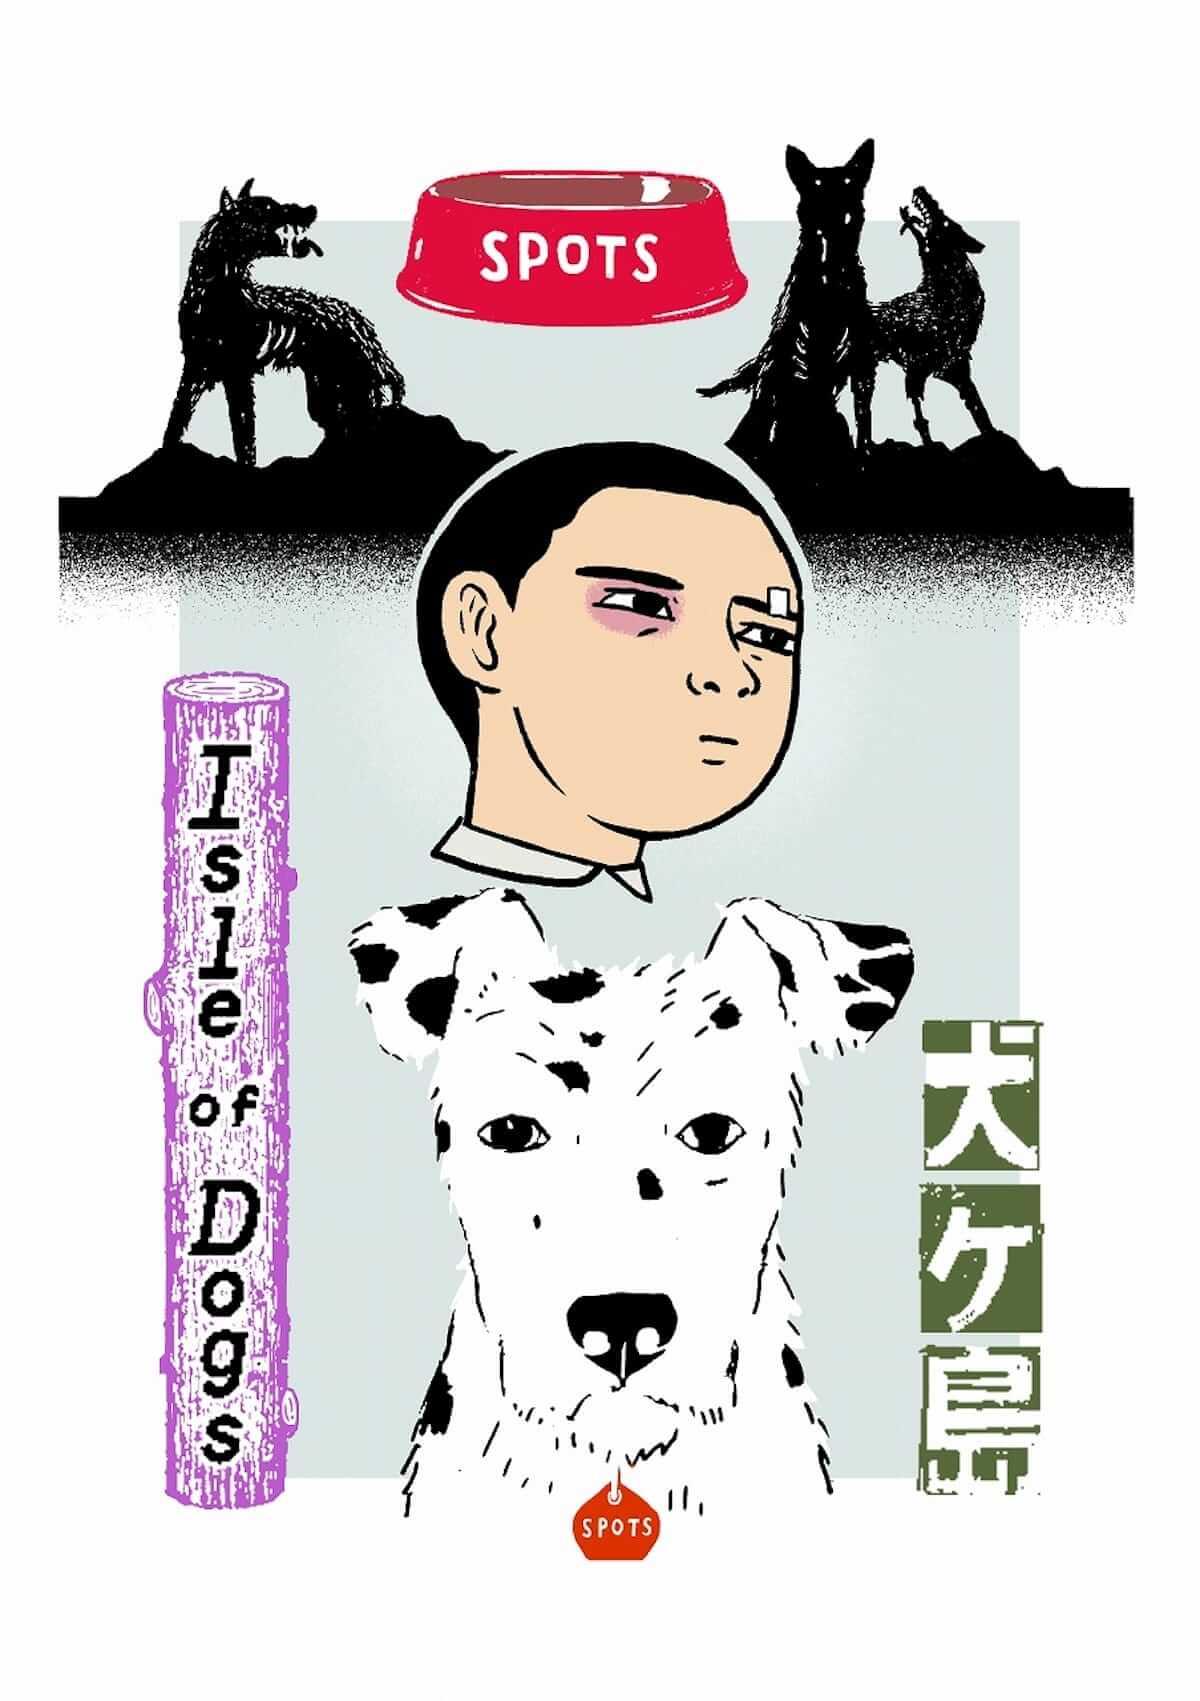 週刊モーニングでマンガ版『犬ヶ島』連載開始決定!漫画家・望月ミネタロウによるオリジナルイラスト到着!! film180420_inugashima_01-1200x1701